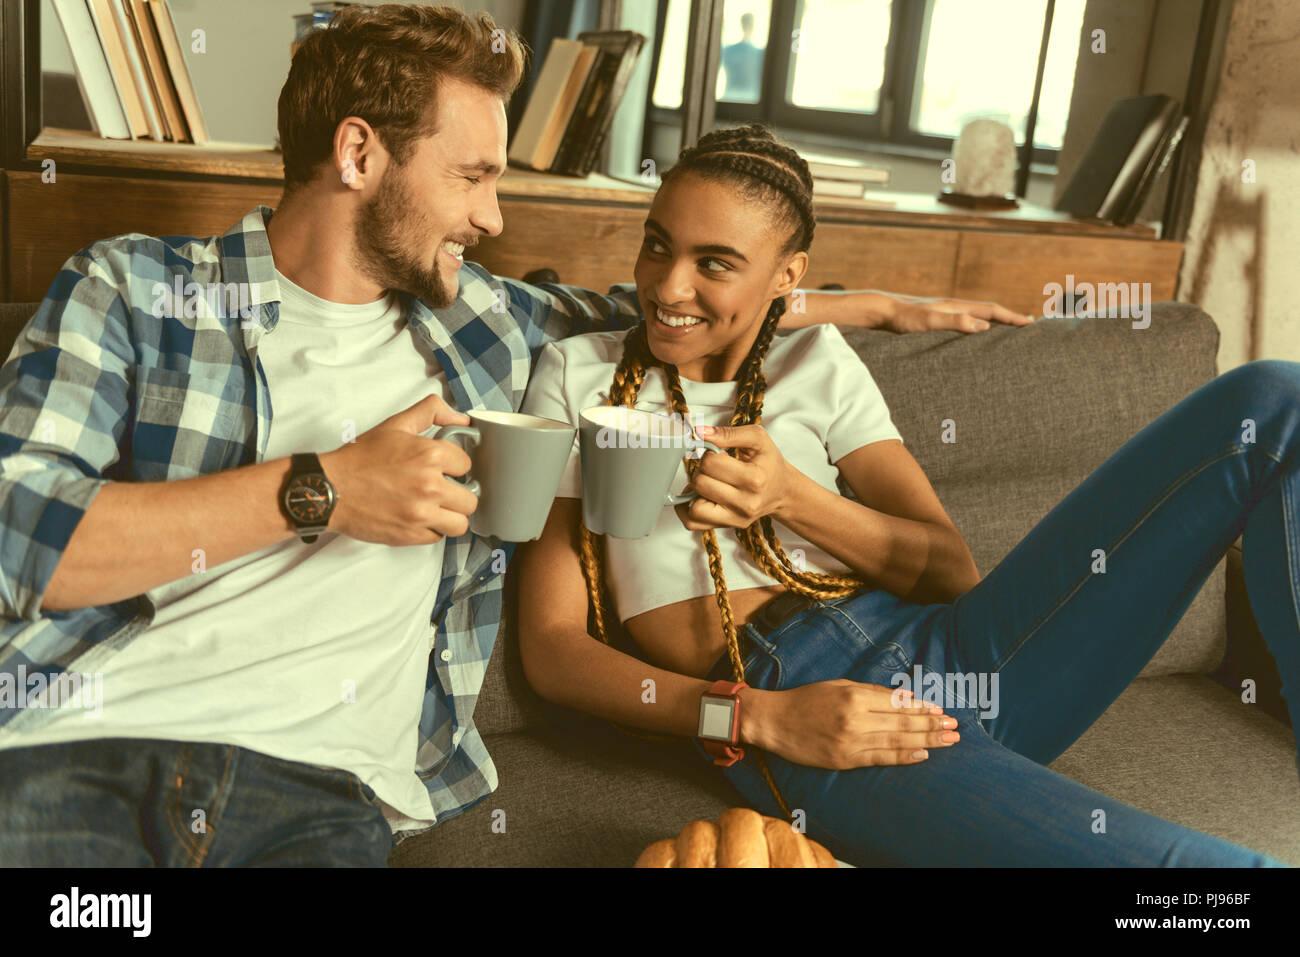 Coppia internazionale godendo il tè insieme Immagini Stock